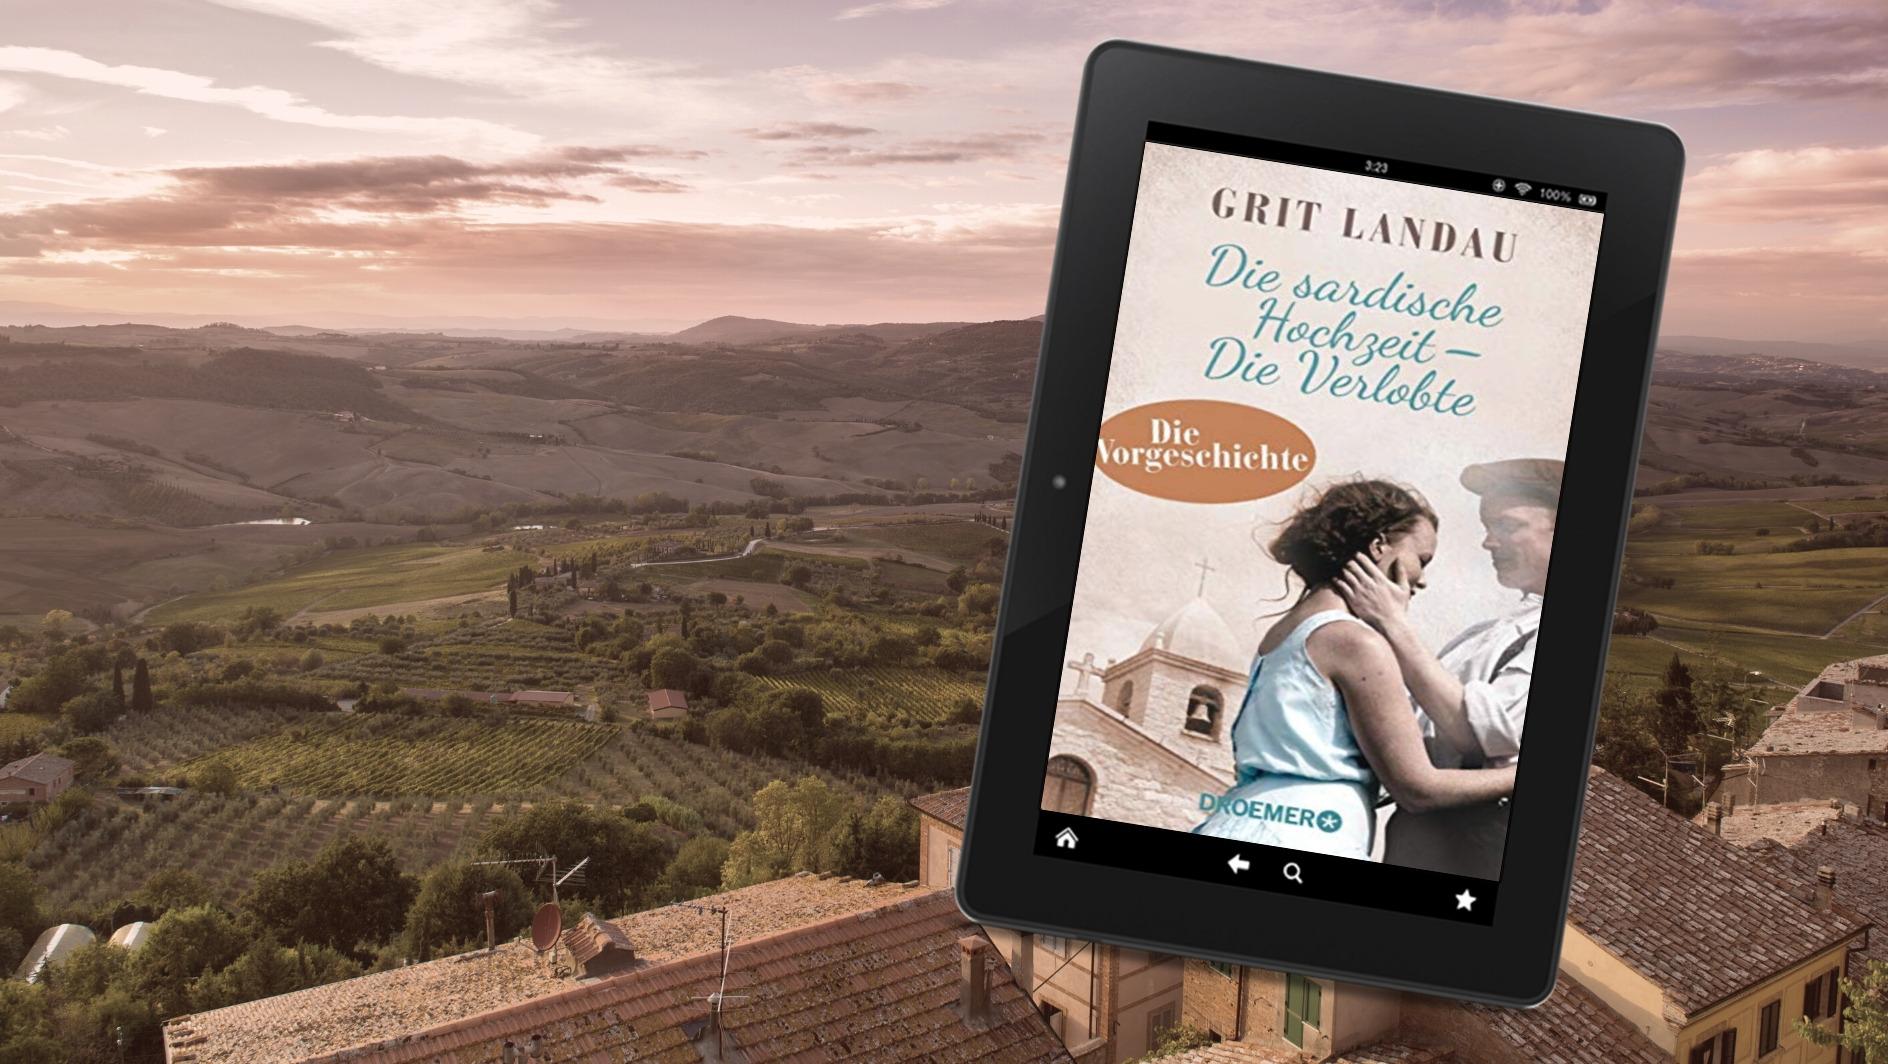 """Grit Landau: Die Verlobte (Vorgeschichte zu """"Die sardische Hochzeit"""")"""